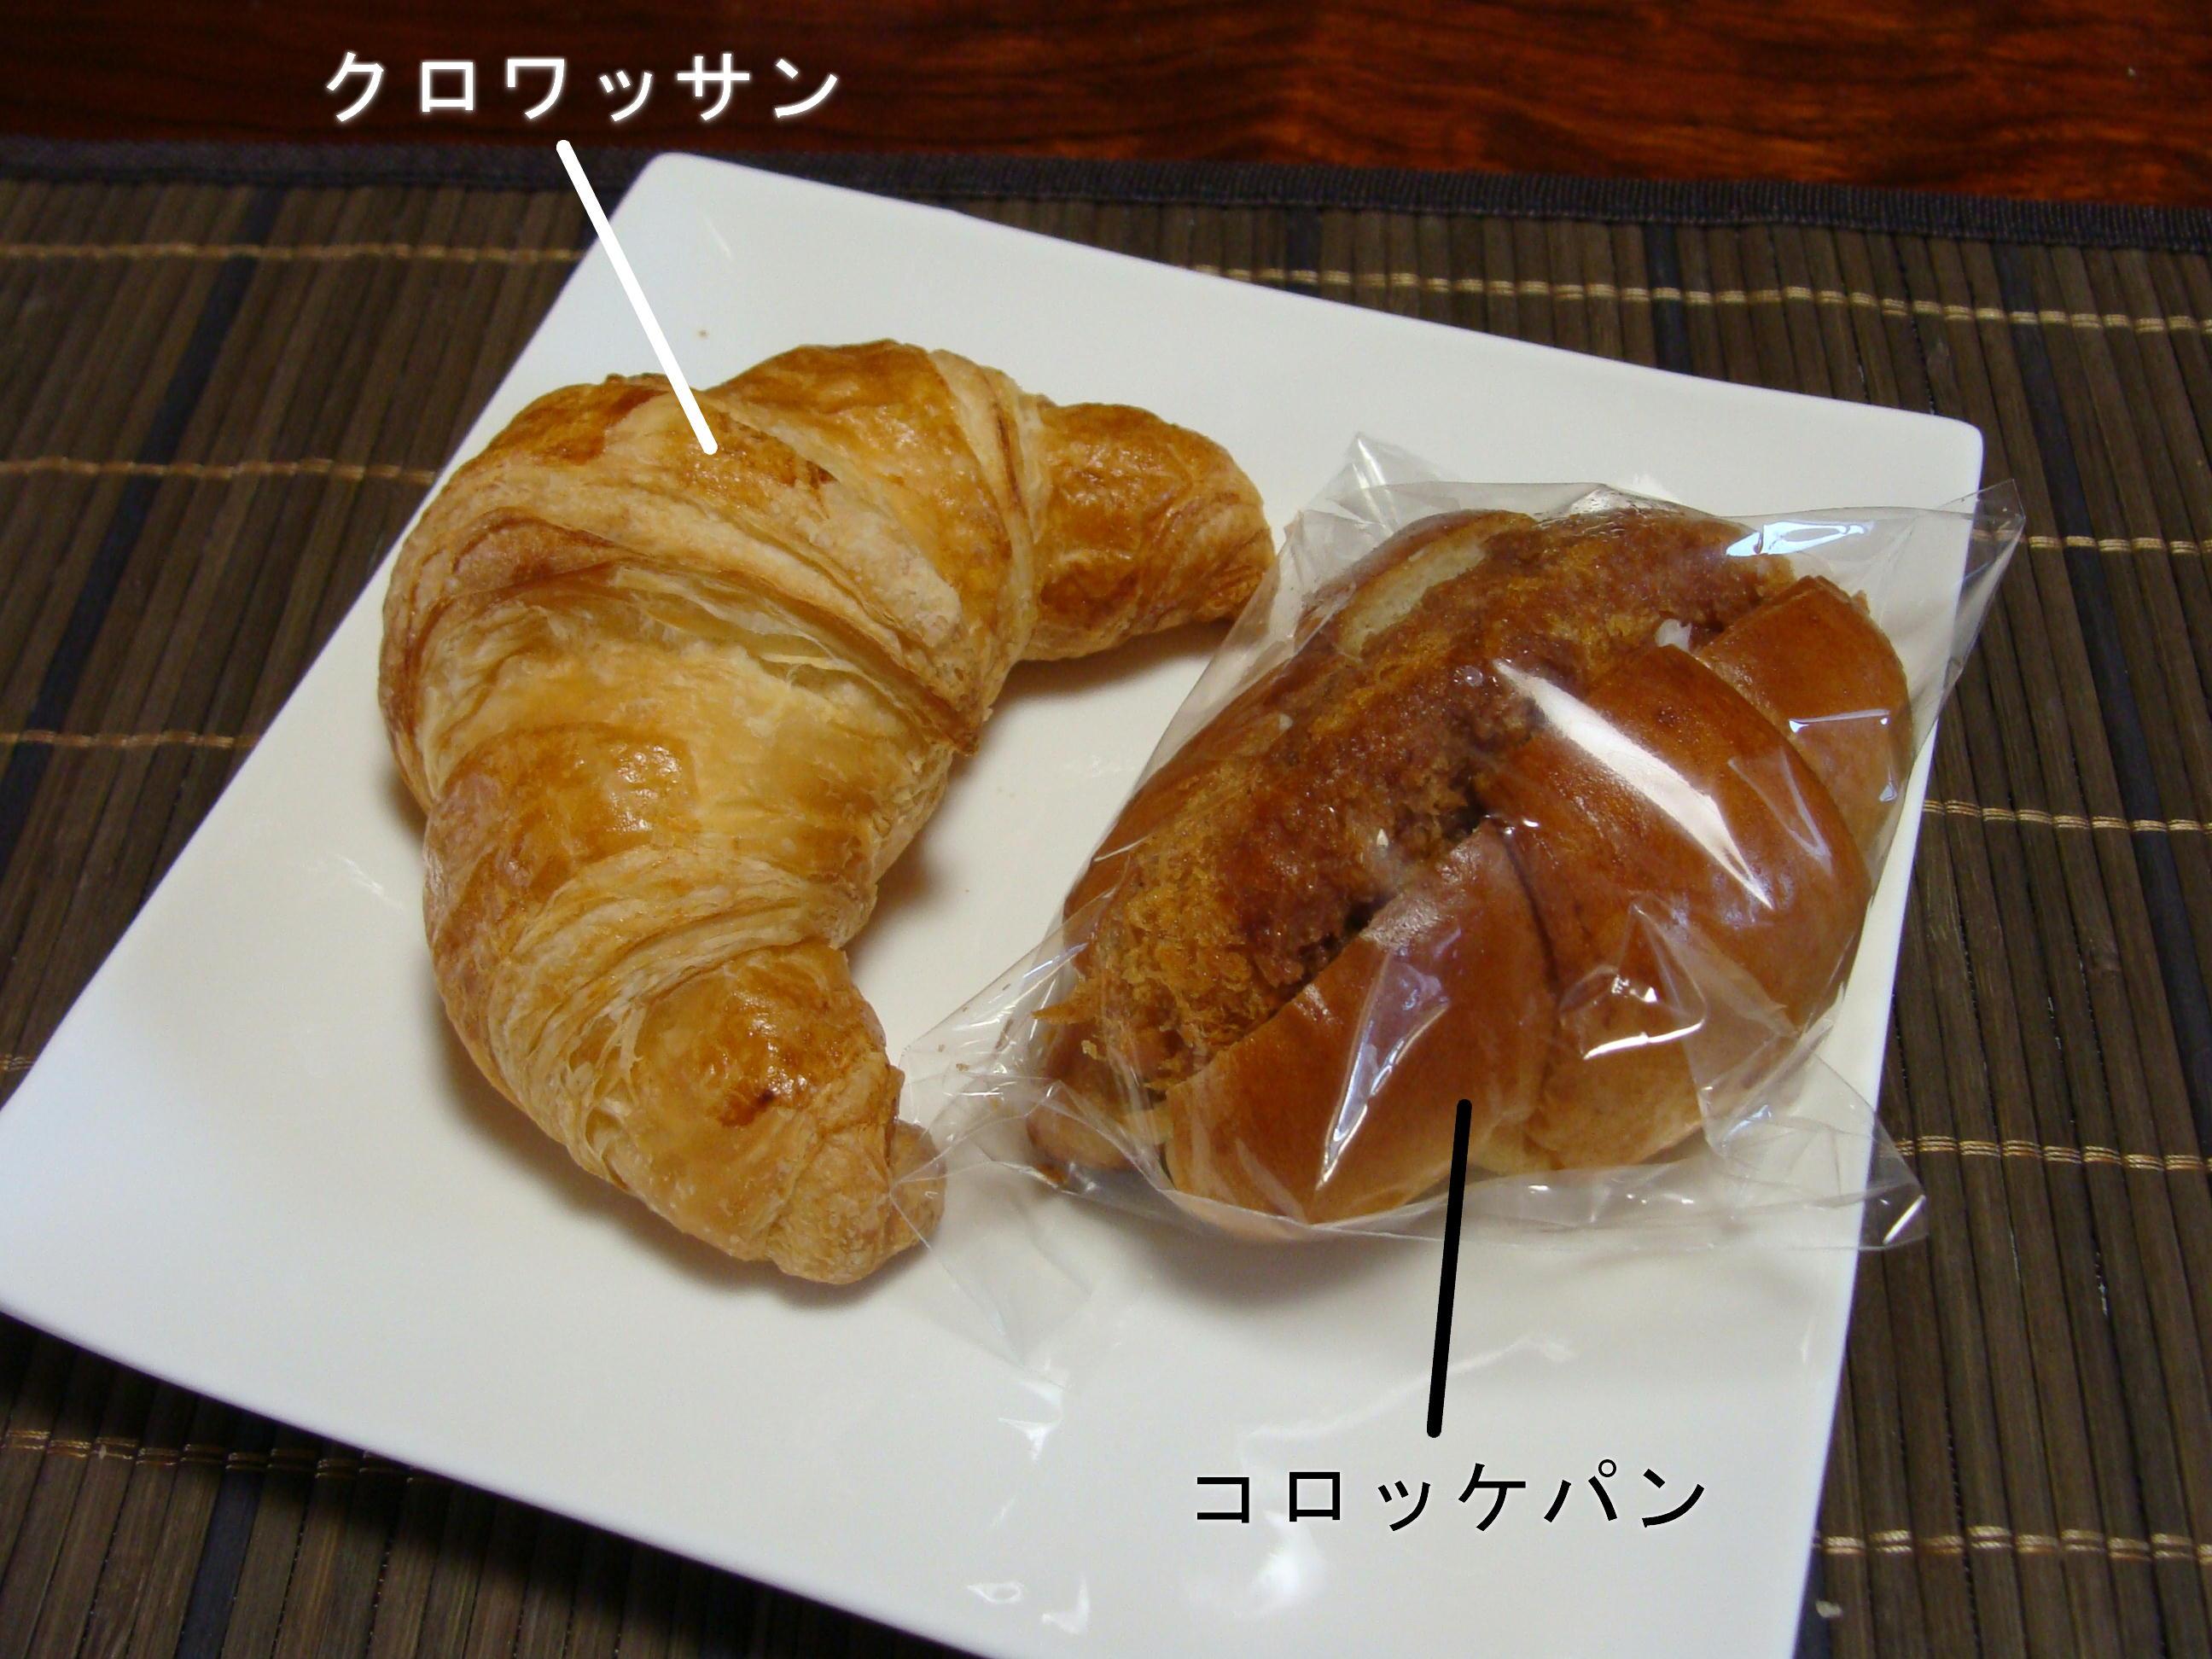 モンテヤマザキ 銚子店